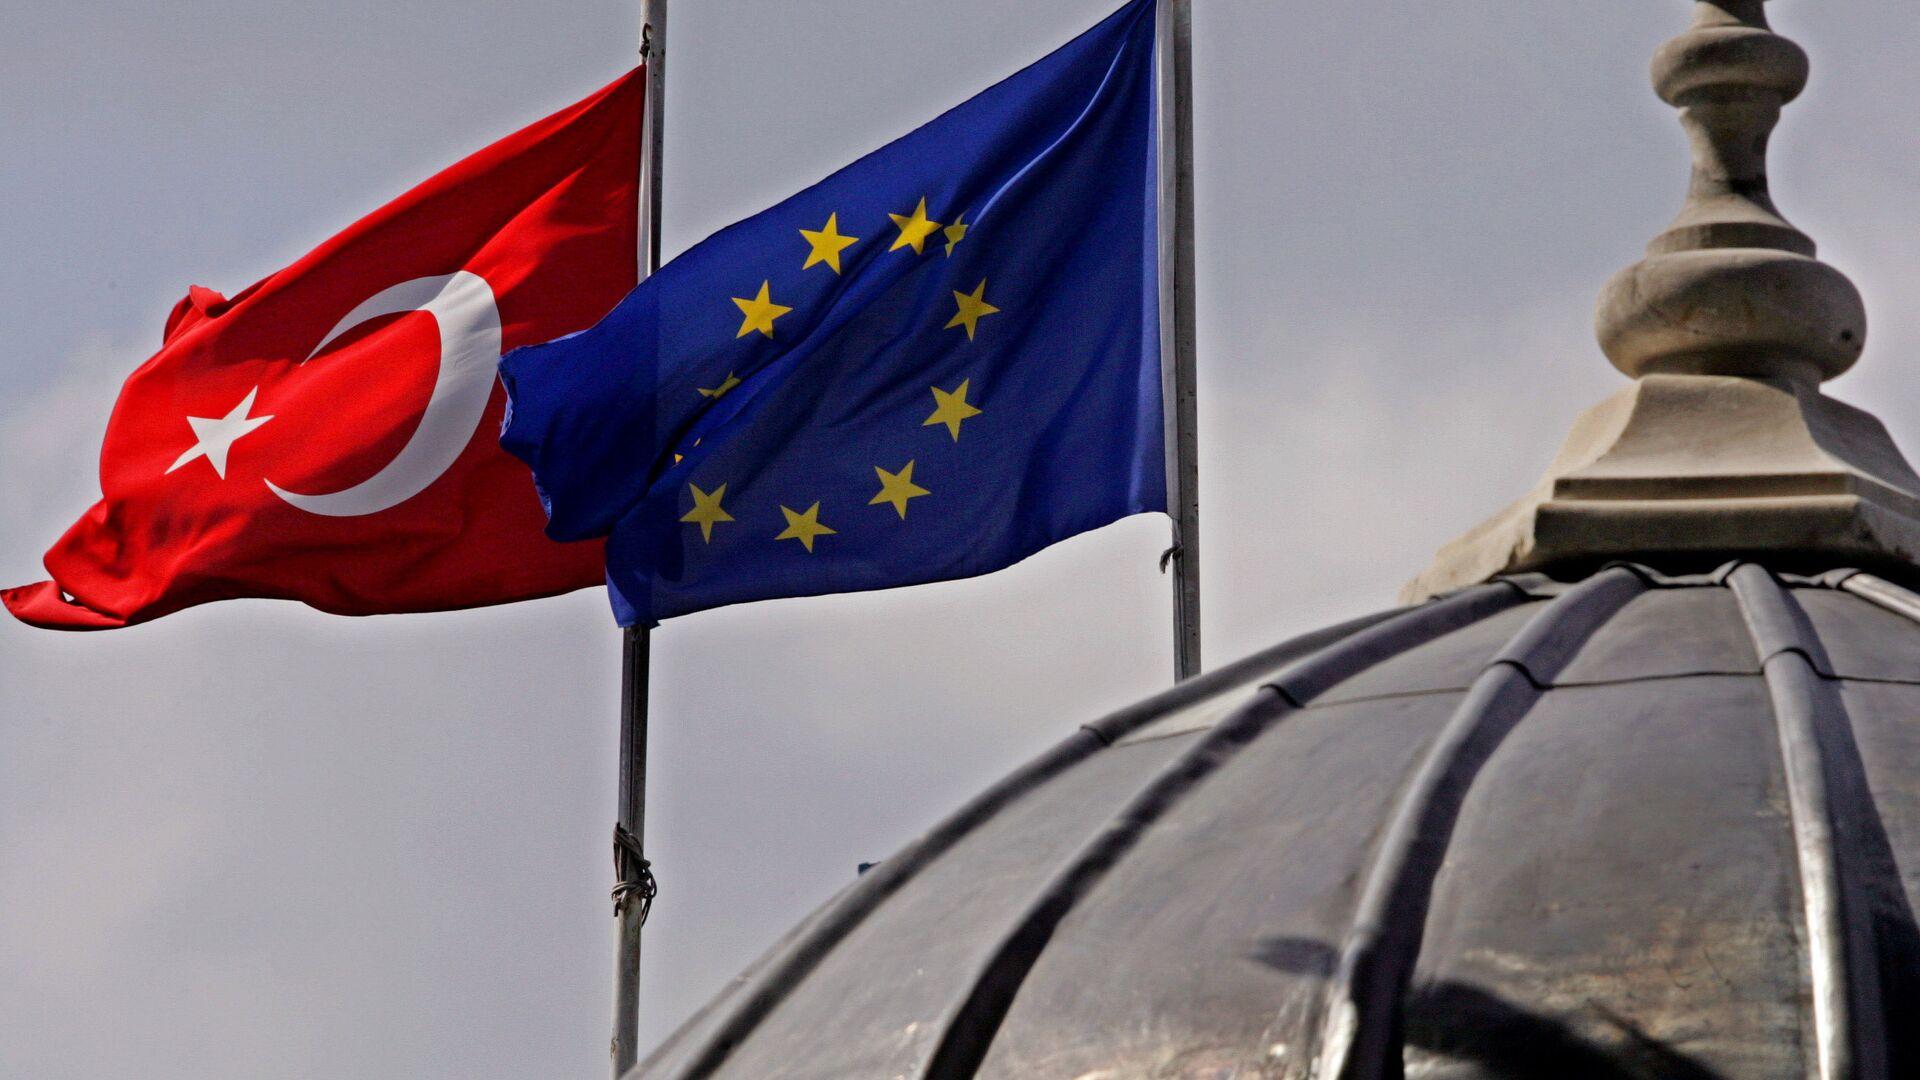 Banderas de la UE y Turquía en Estambul - Sputnik Mundo, 1920, 25.03.2021